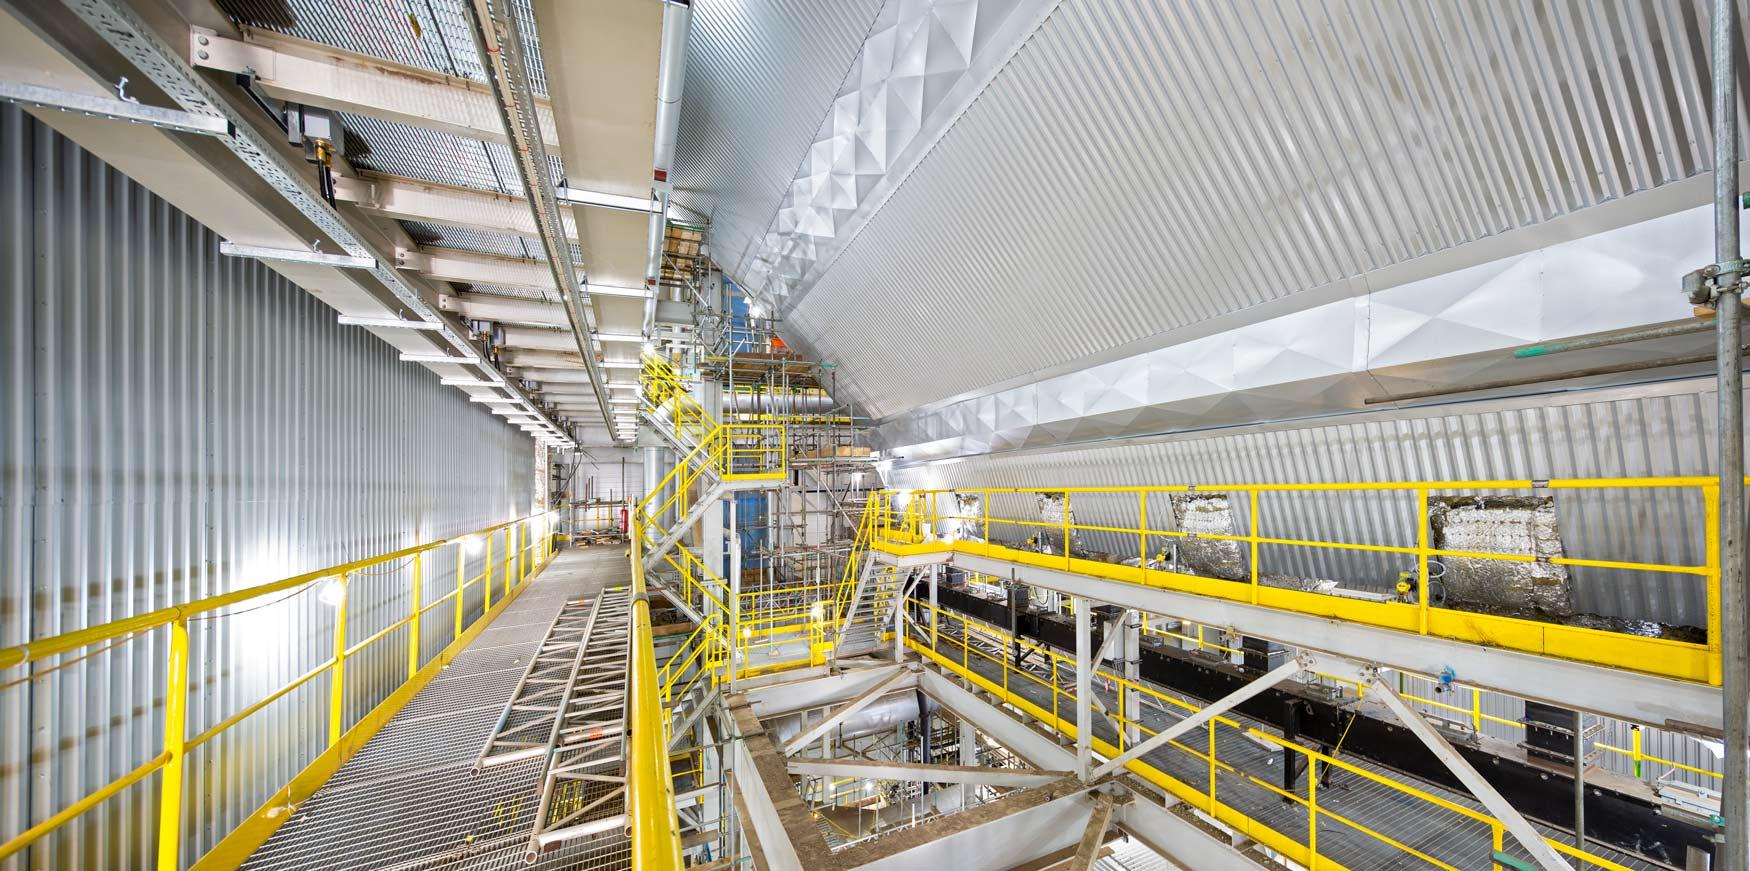 Industrial-photographer-Matthew-Jones-power-plant-project-2